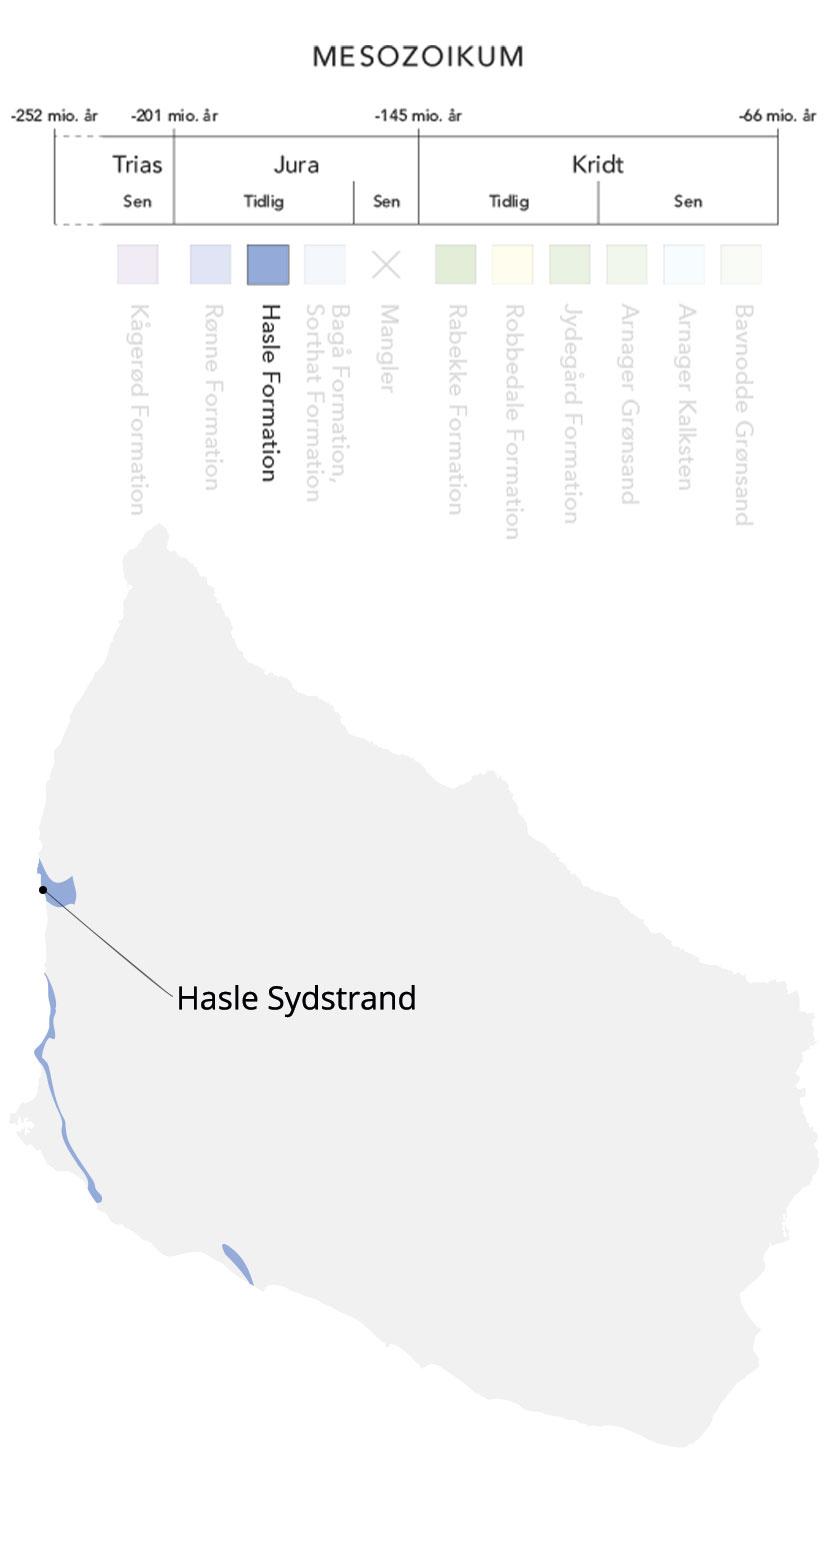 Kort over Bornholm og Hasle formation